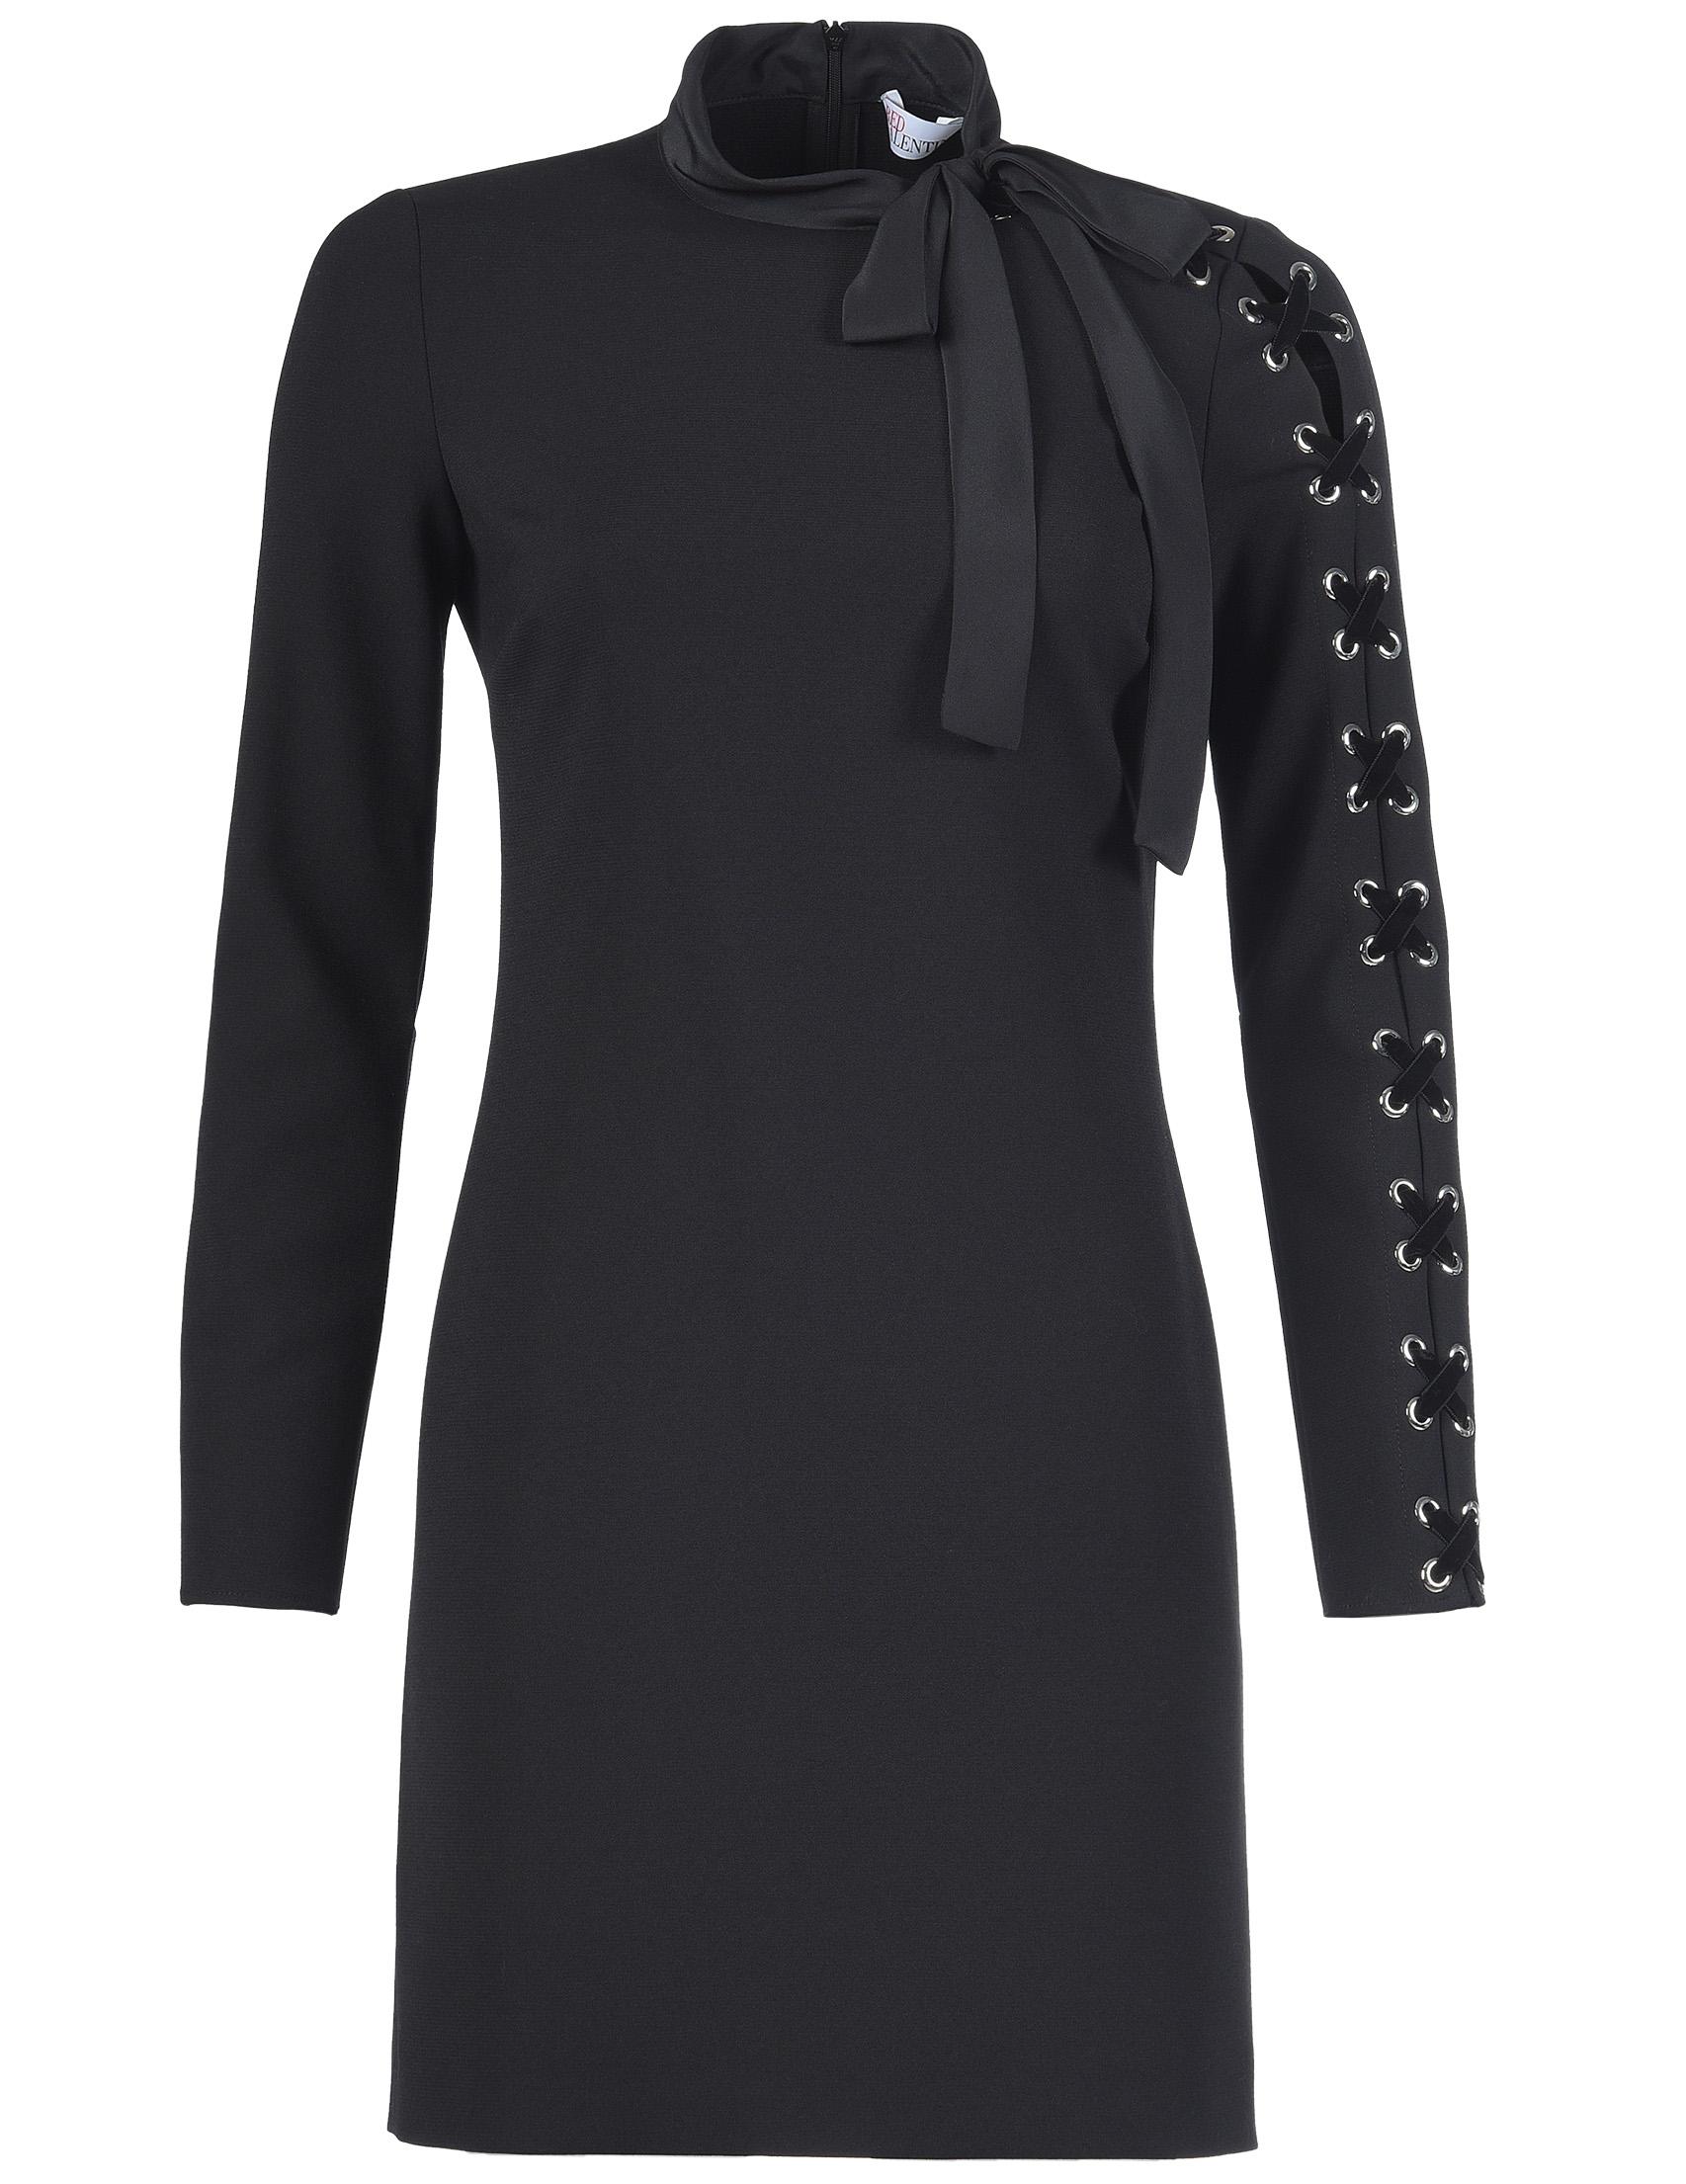 Купить Платье, RED VALENTINO, Черный, 80%Полиамид 14%Вискоза 6%Эластан;100%Полиэстер, Осень-Зима